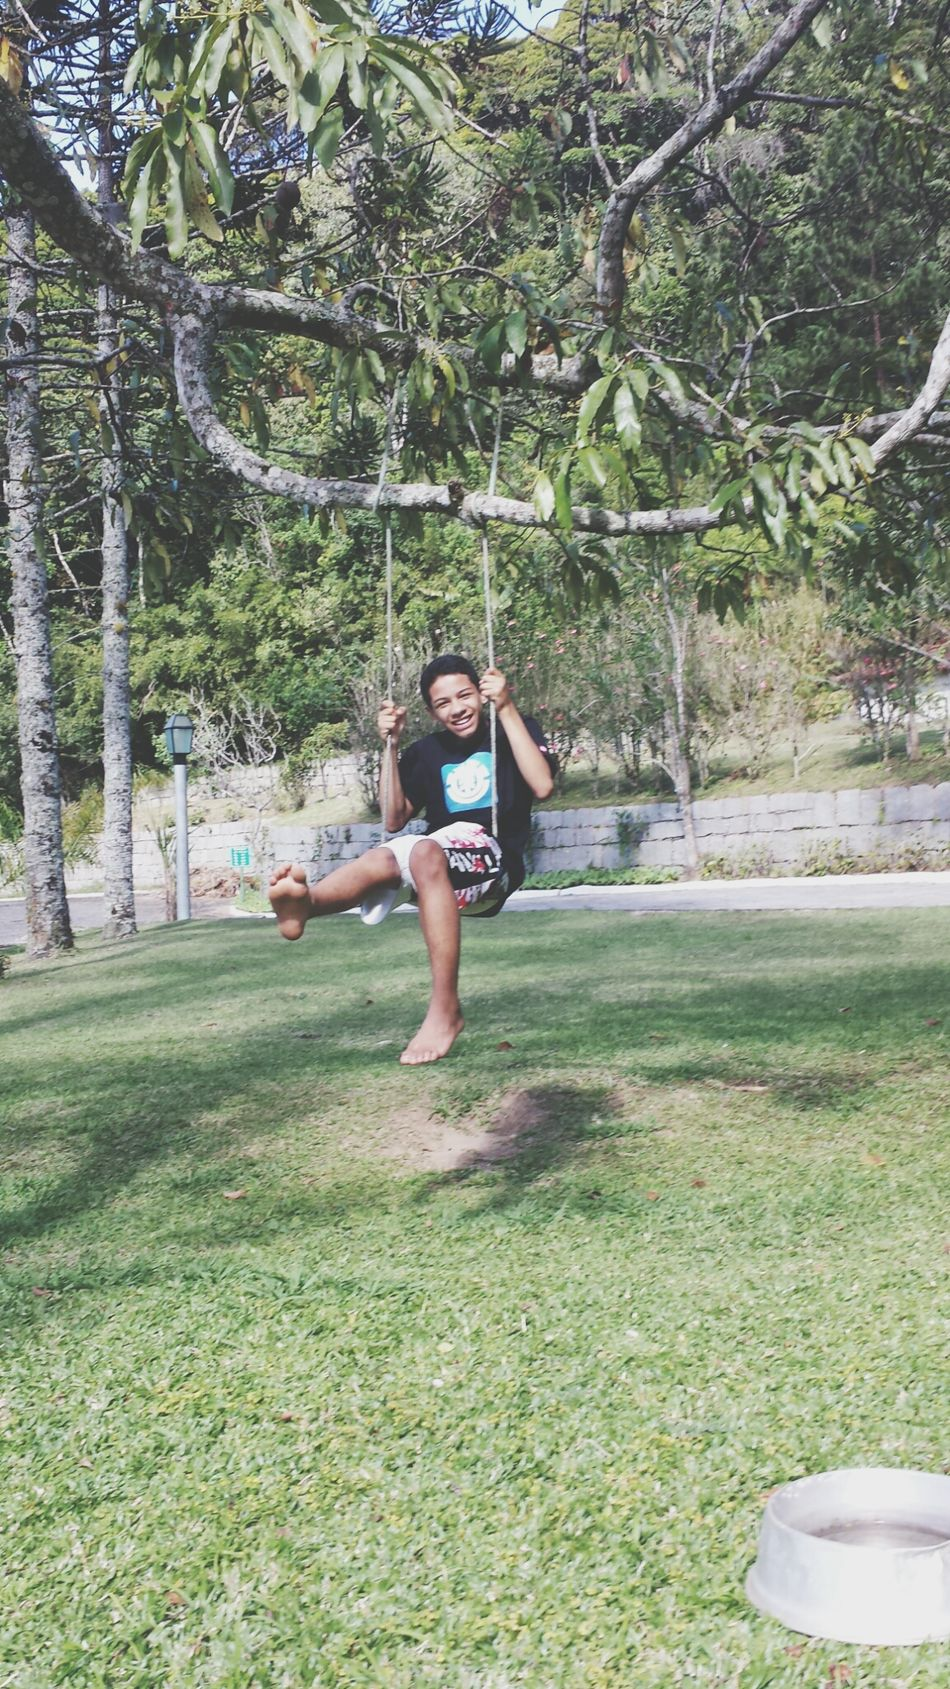 faça de árvores balanços !!!